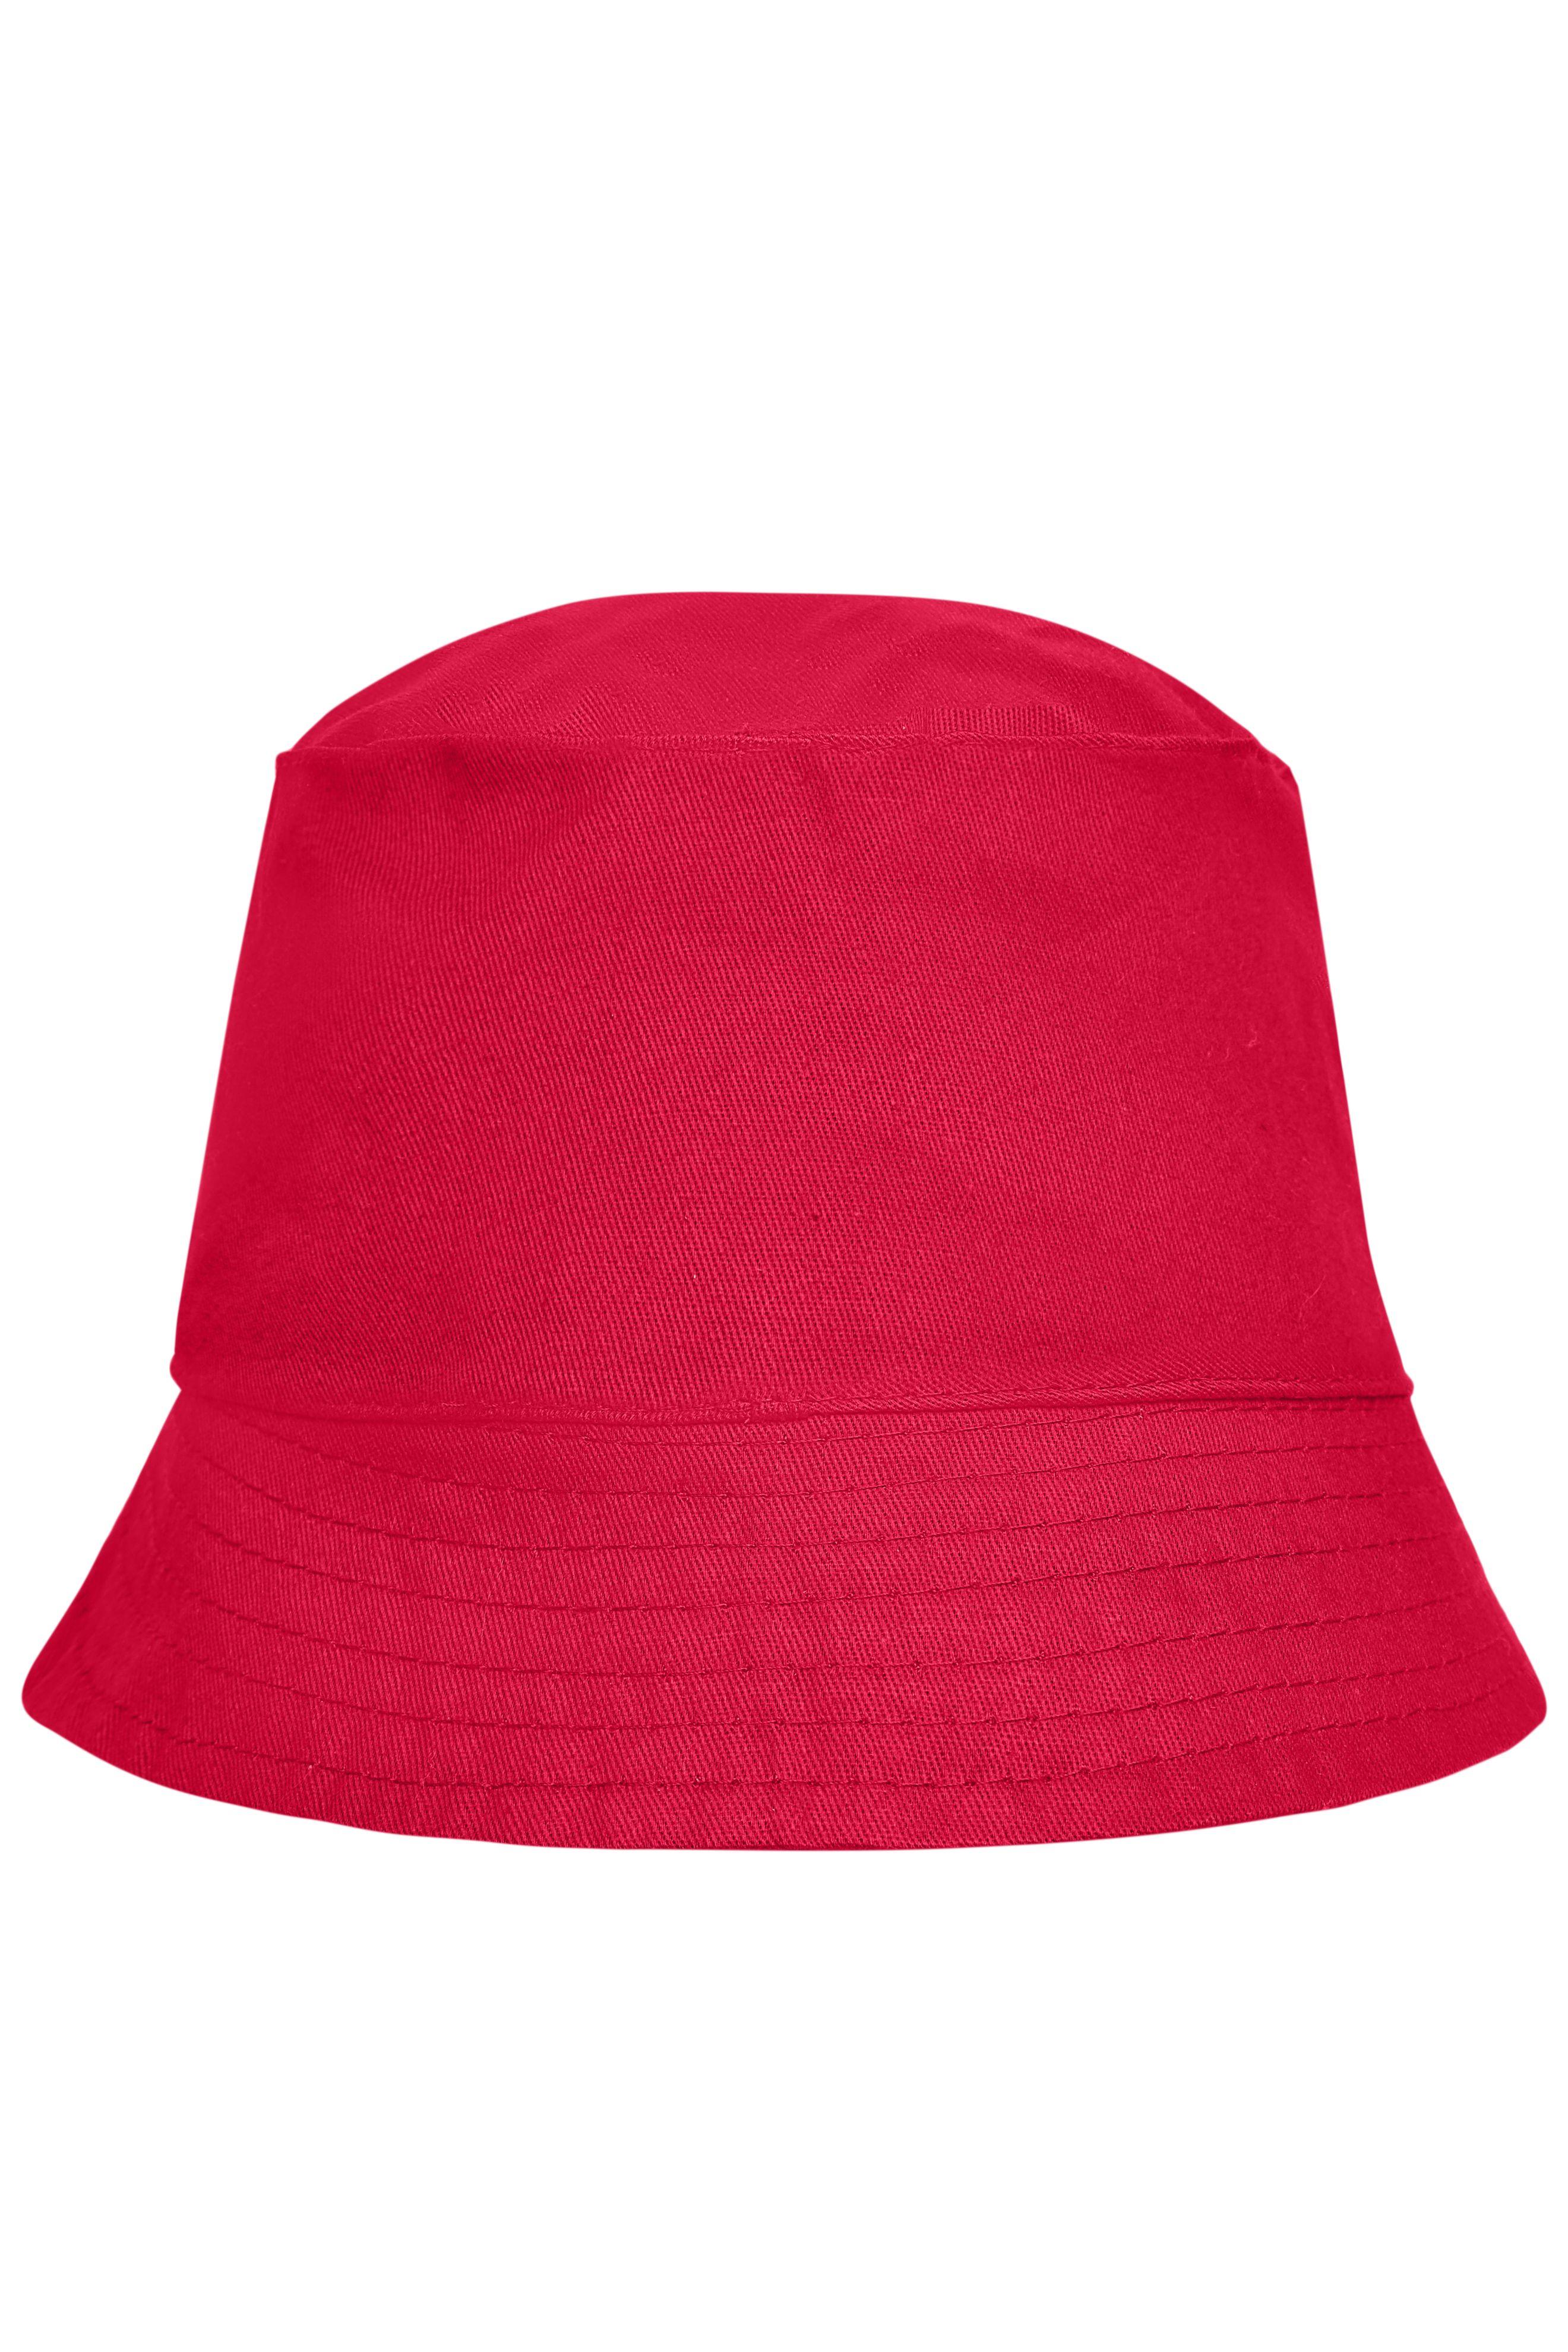 Einfacher Promo Hut